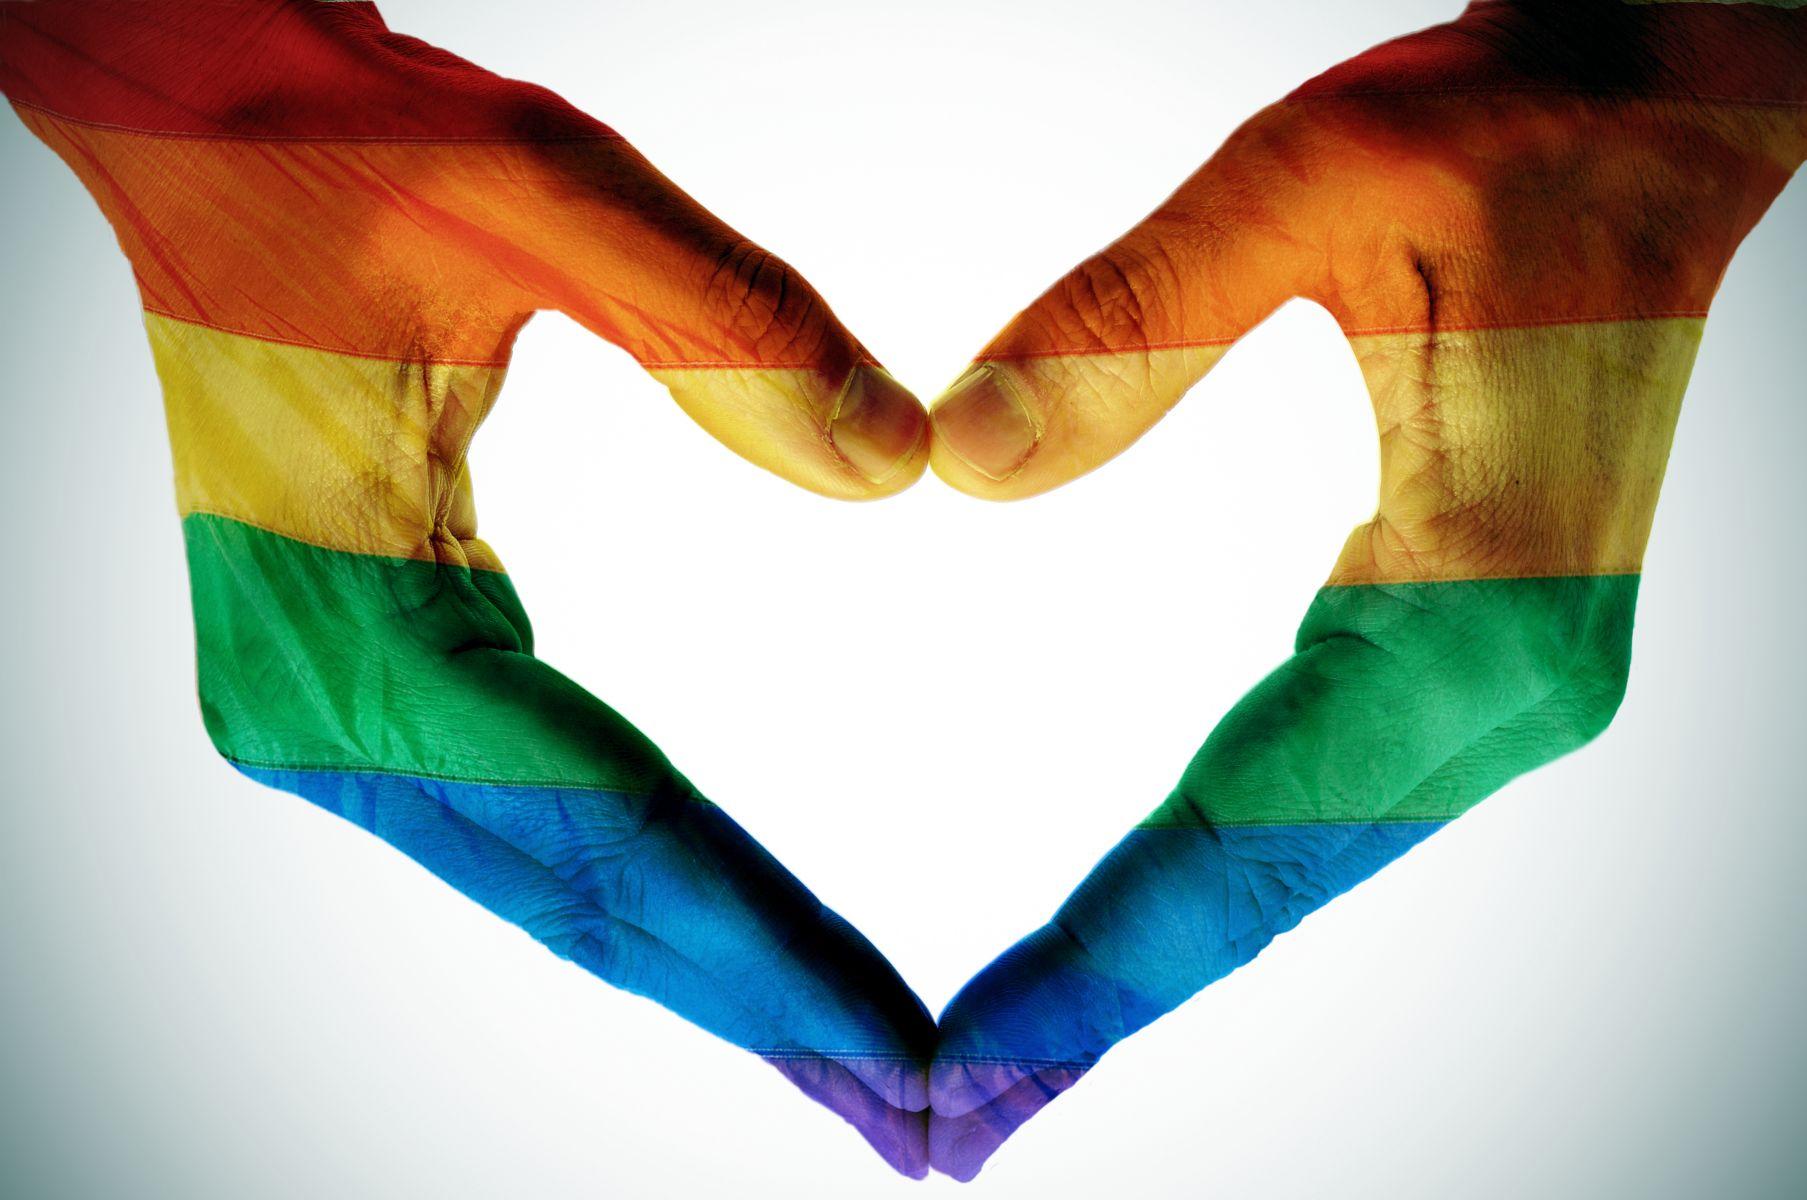 從金融的邏輯來看,同性婚姻合法化將是未來的趨勢